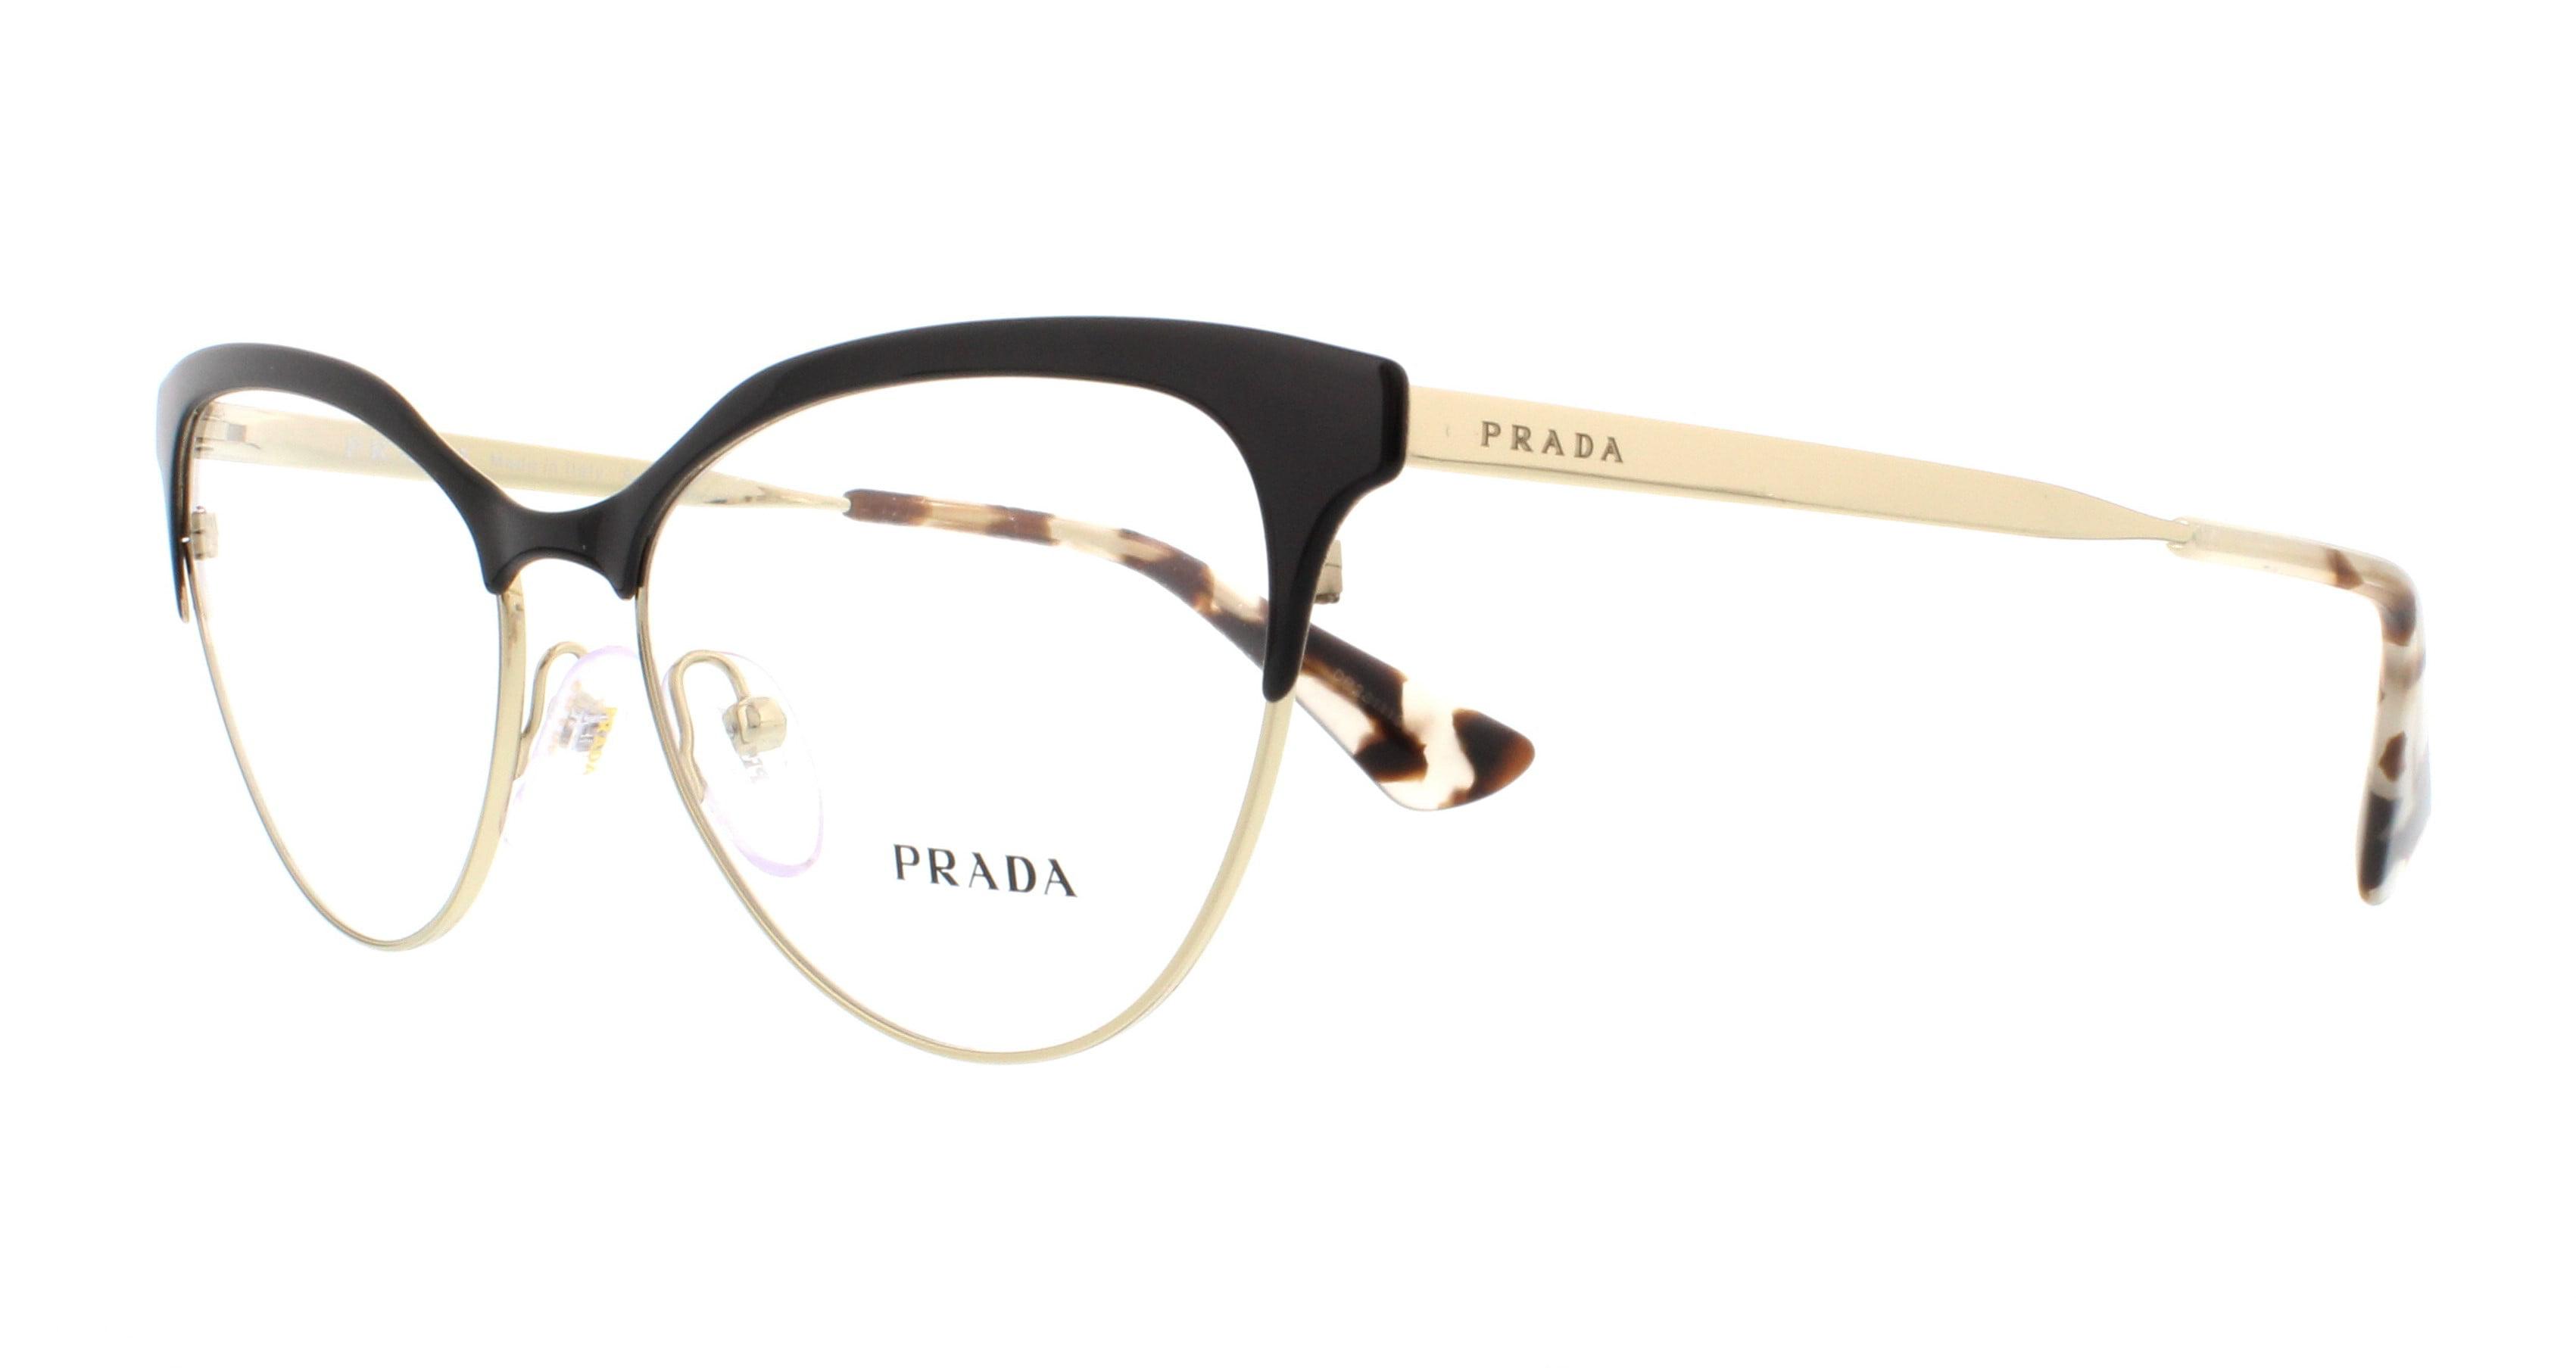 8b2ce815db PRADA Eyeglasses PR 55SV QE31O1 Black  Pale Gold 52MM - Walmart.com